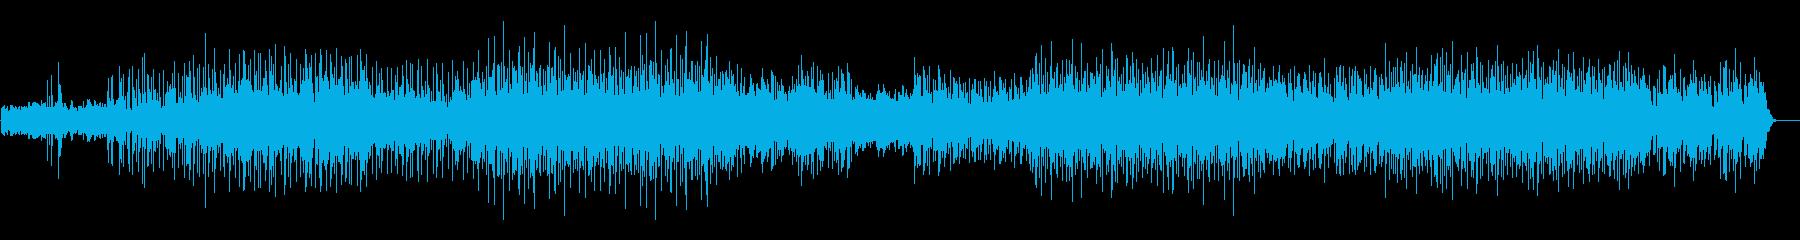 フルオーケストラのバラード。アイル...の再生済みの波形